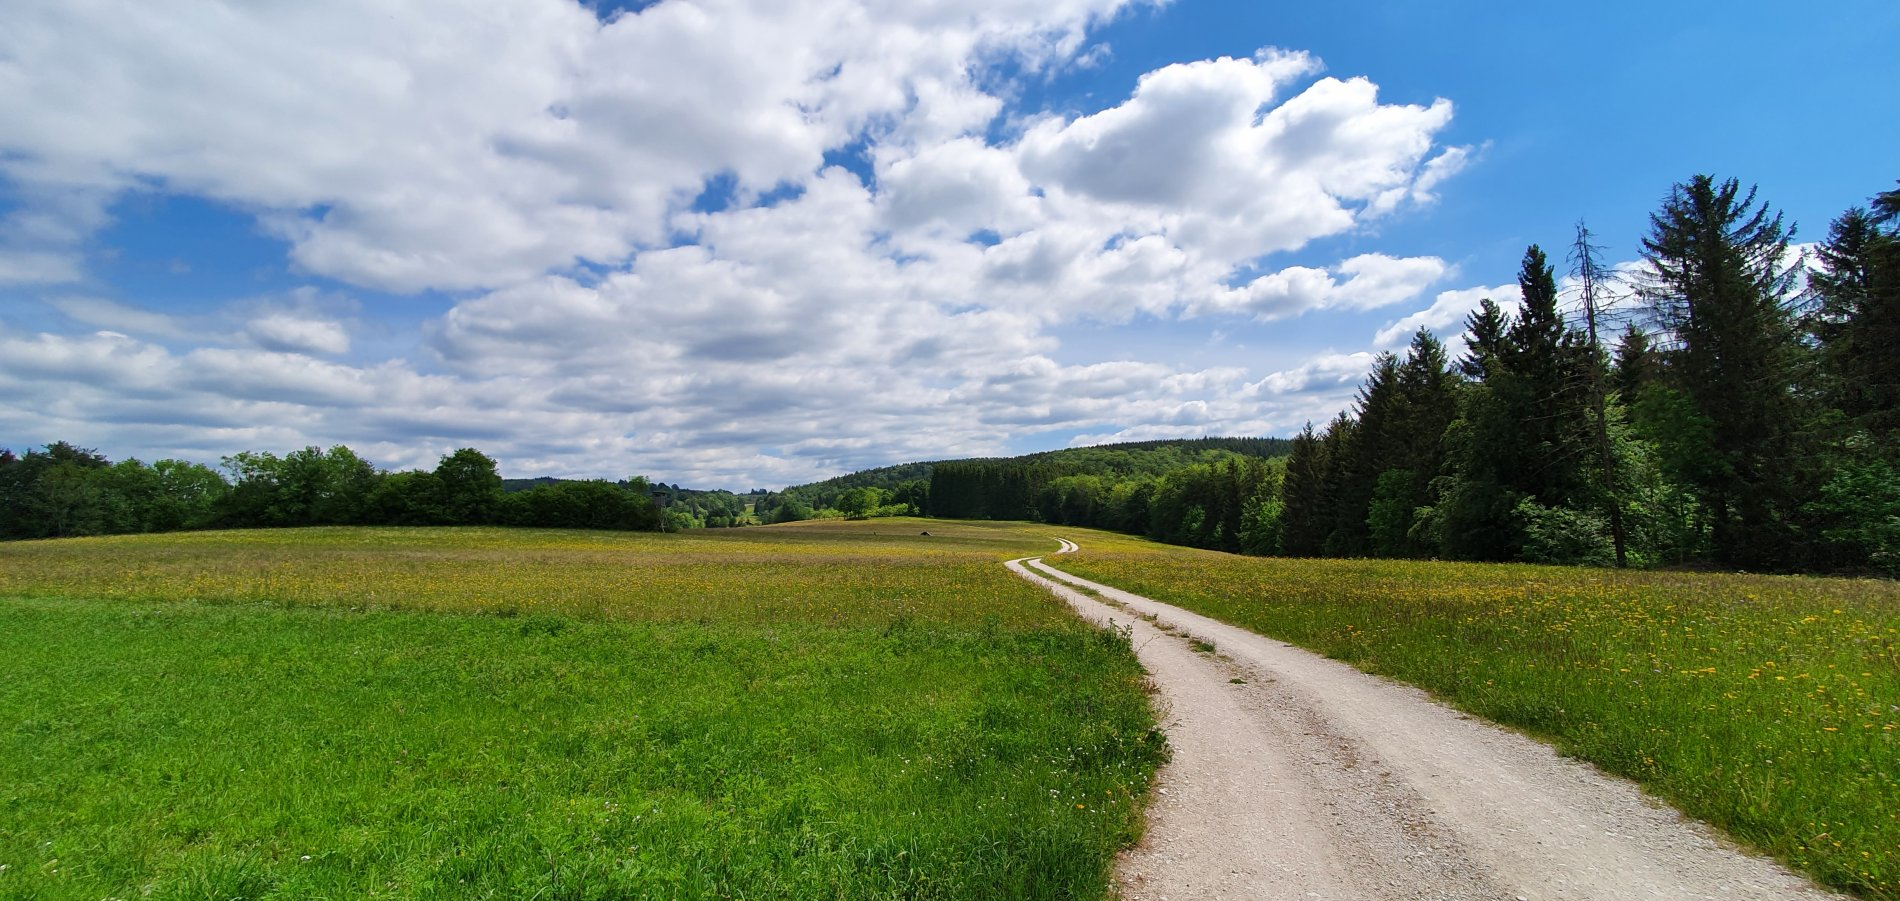 Wanderweg durch grüne Wiesen